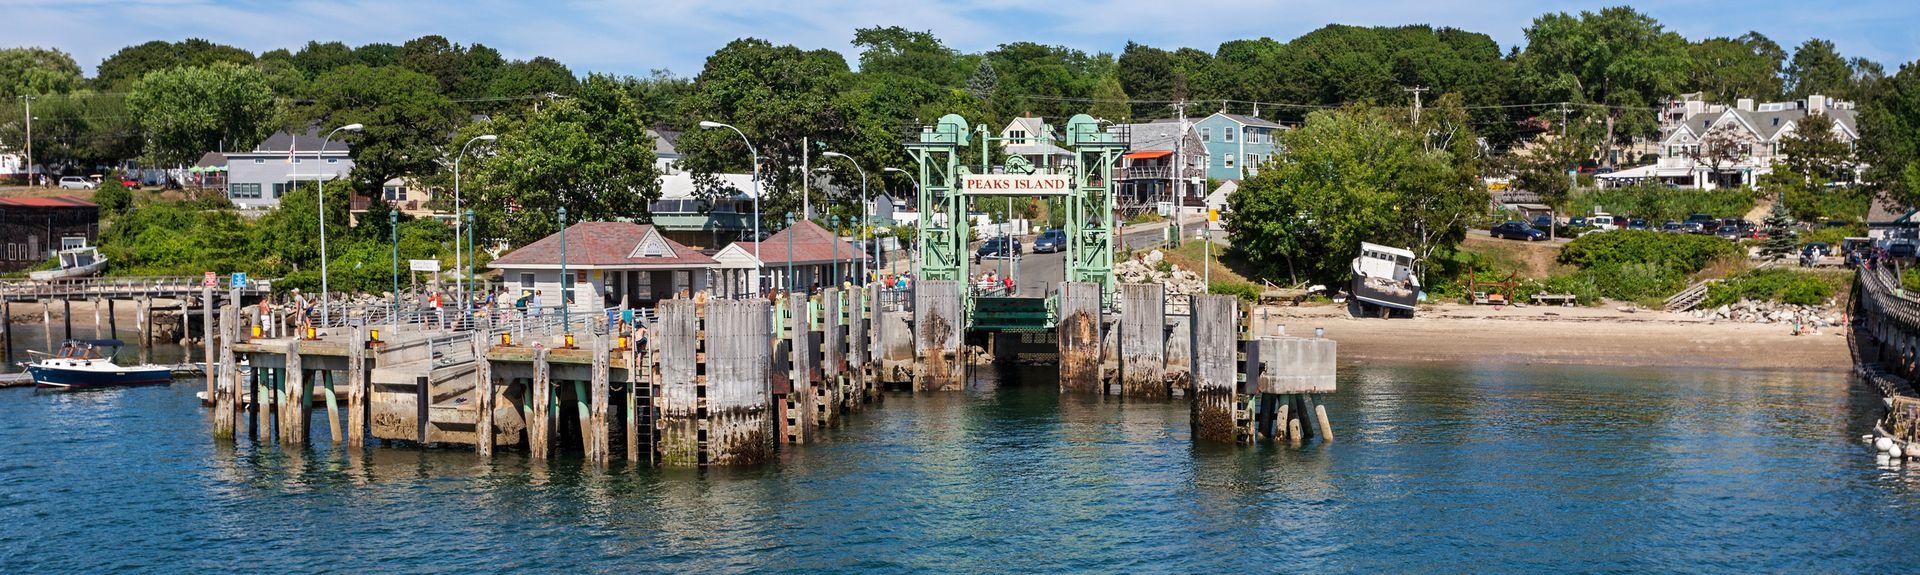 Peaks Island, Maine, USA